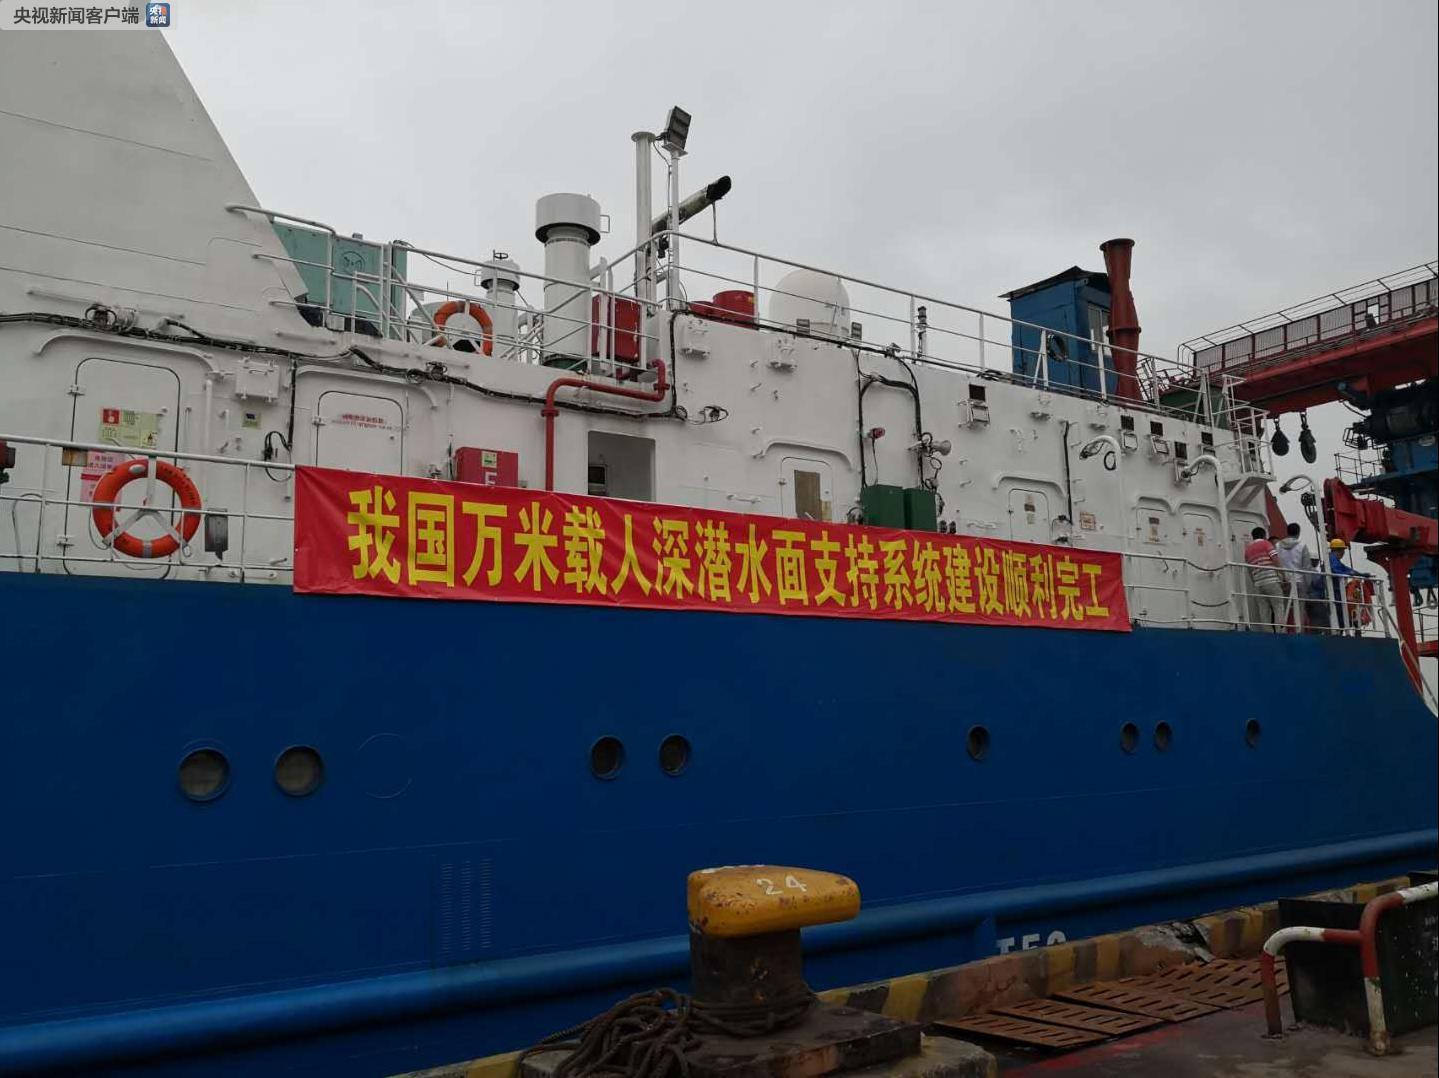 我国万米载人深潜器母船第三次升级改造完成(图)